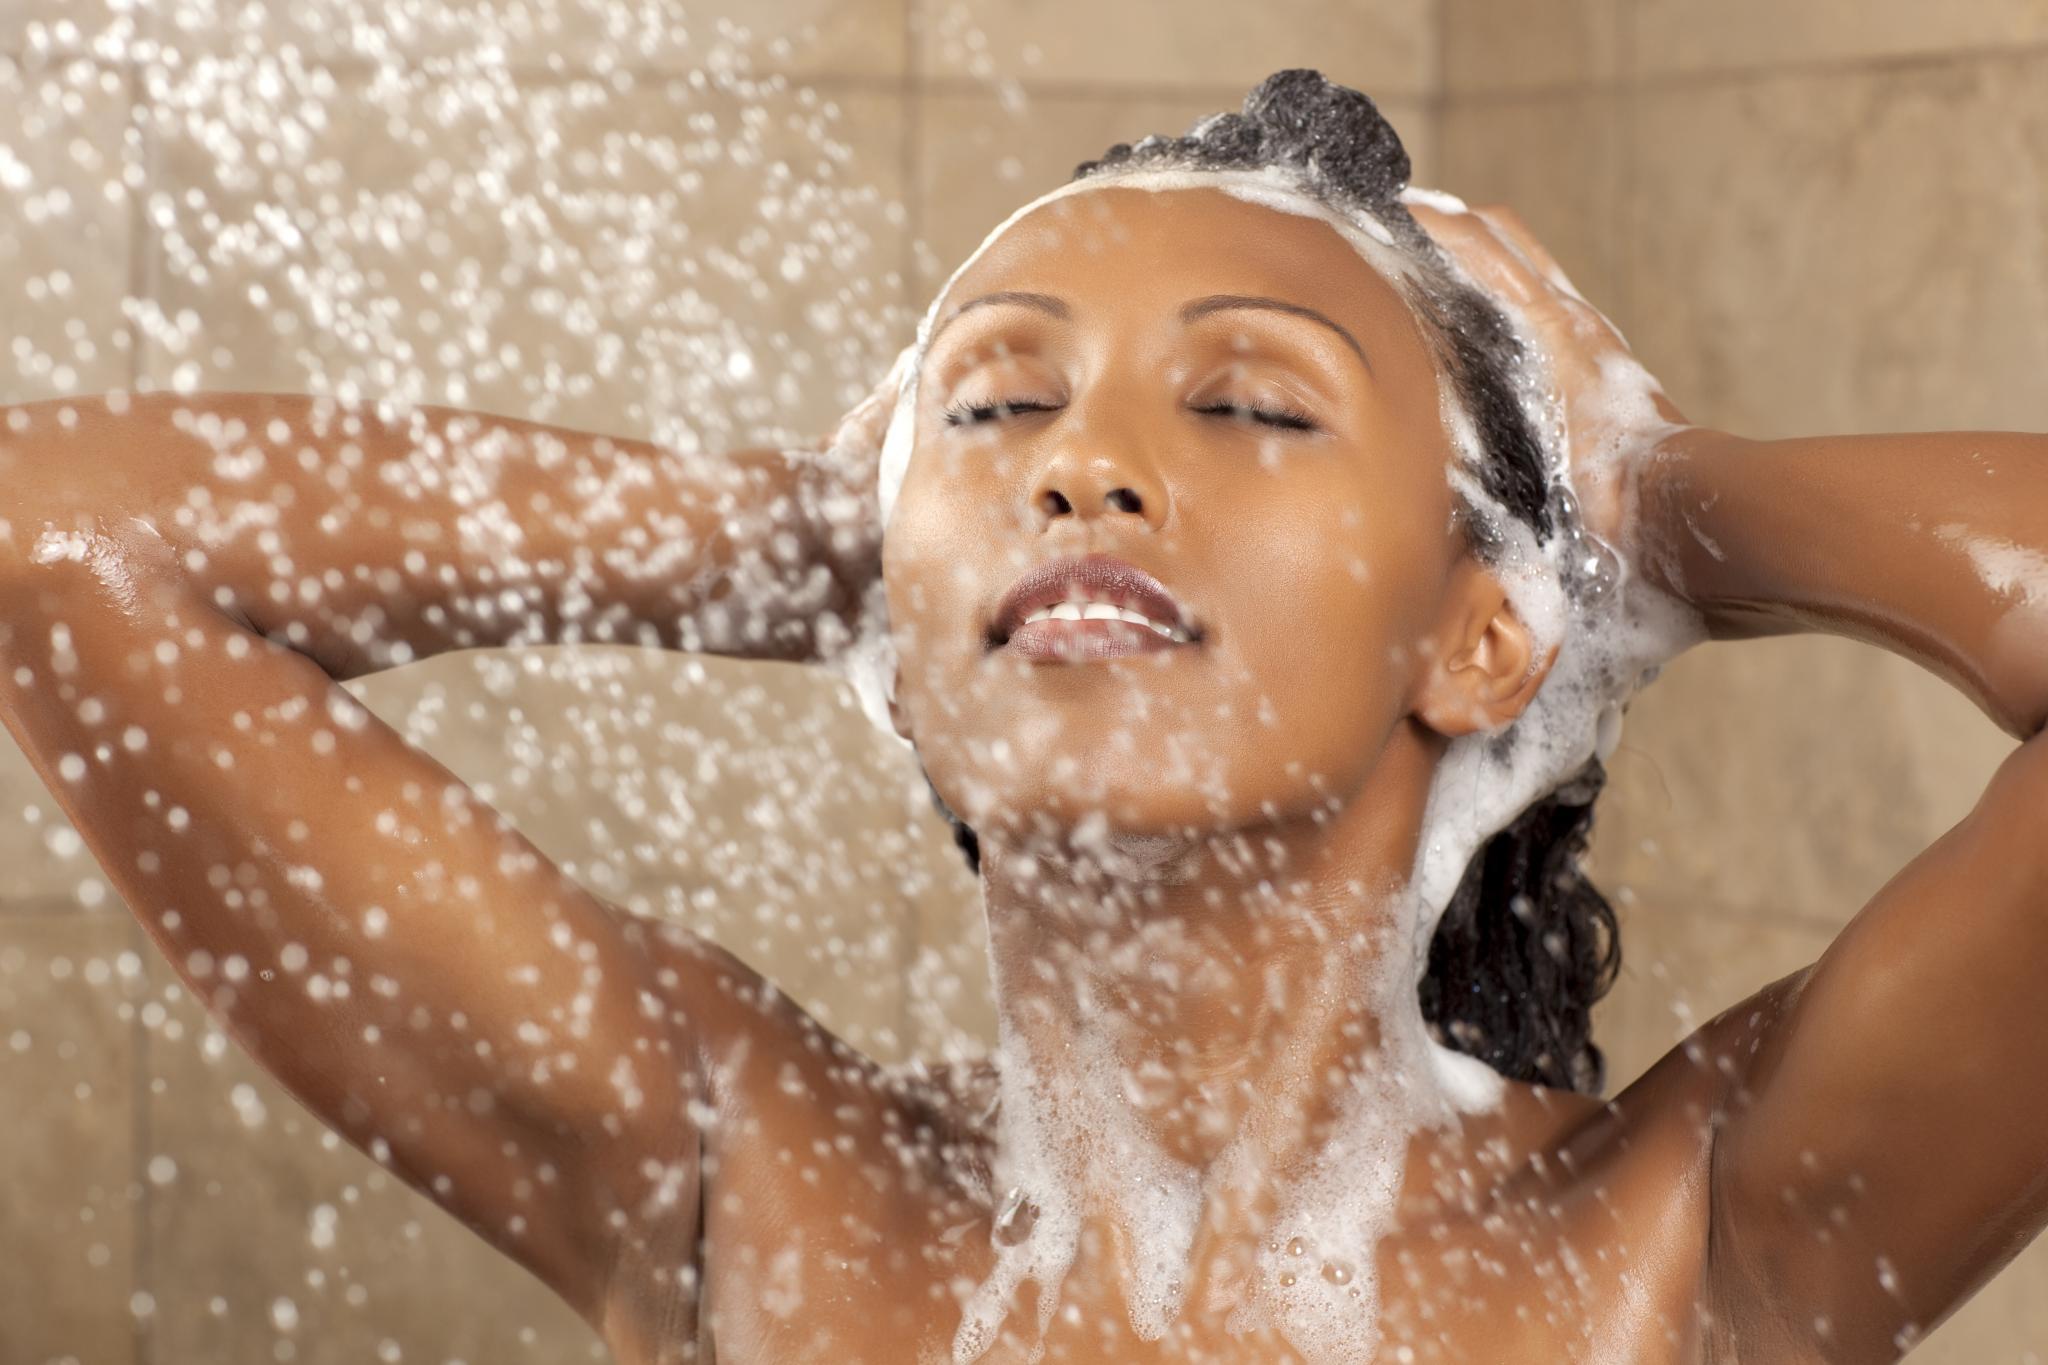 O que acontece se pararmos de usar shampoo no cabelo?